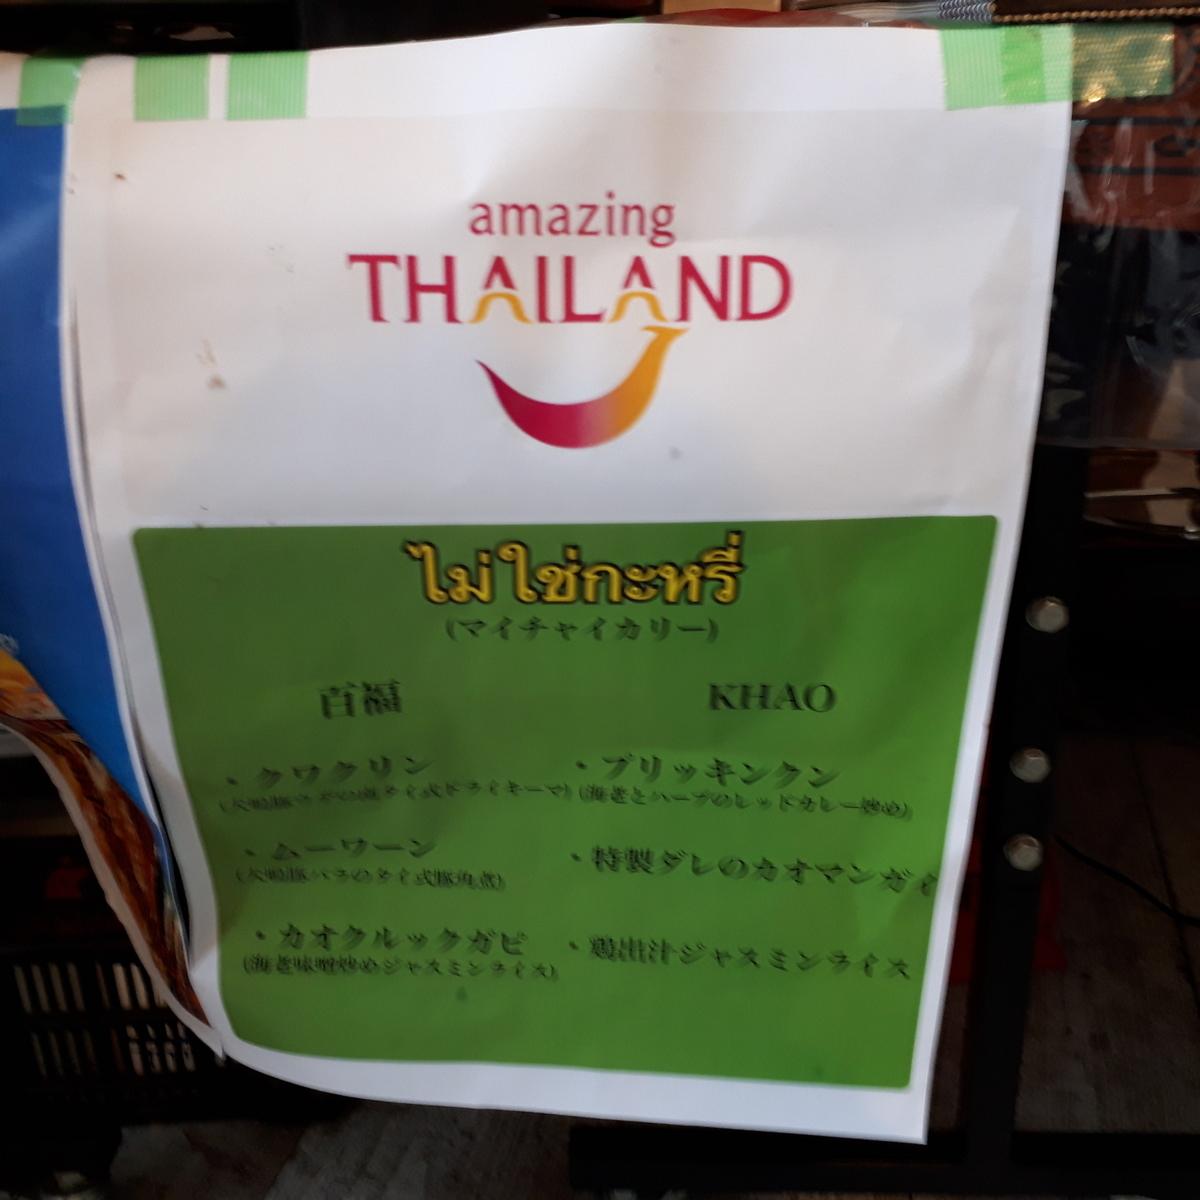 2019年6月30日 asian kitchen cafe 百福&旅人シェフのタイ食堂KHAO マイチャイカリー